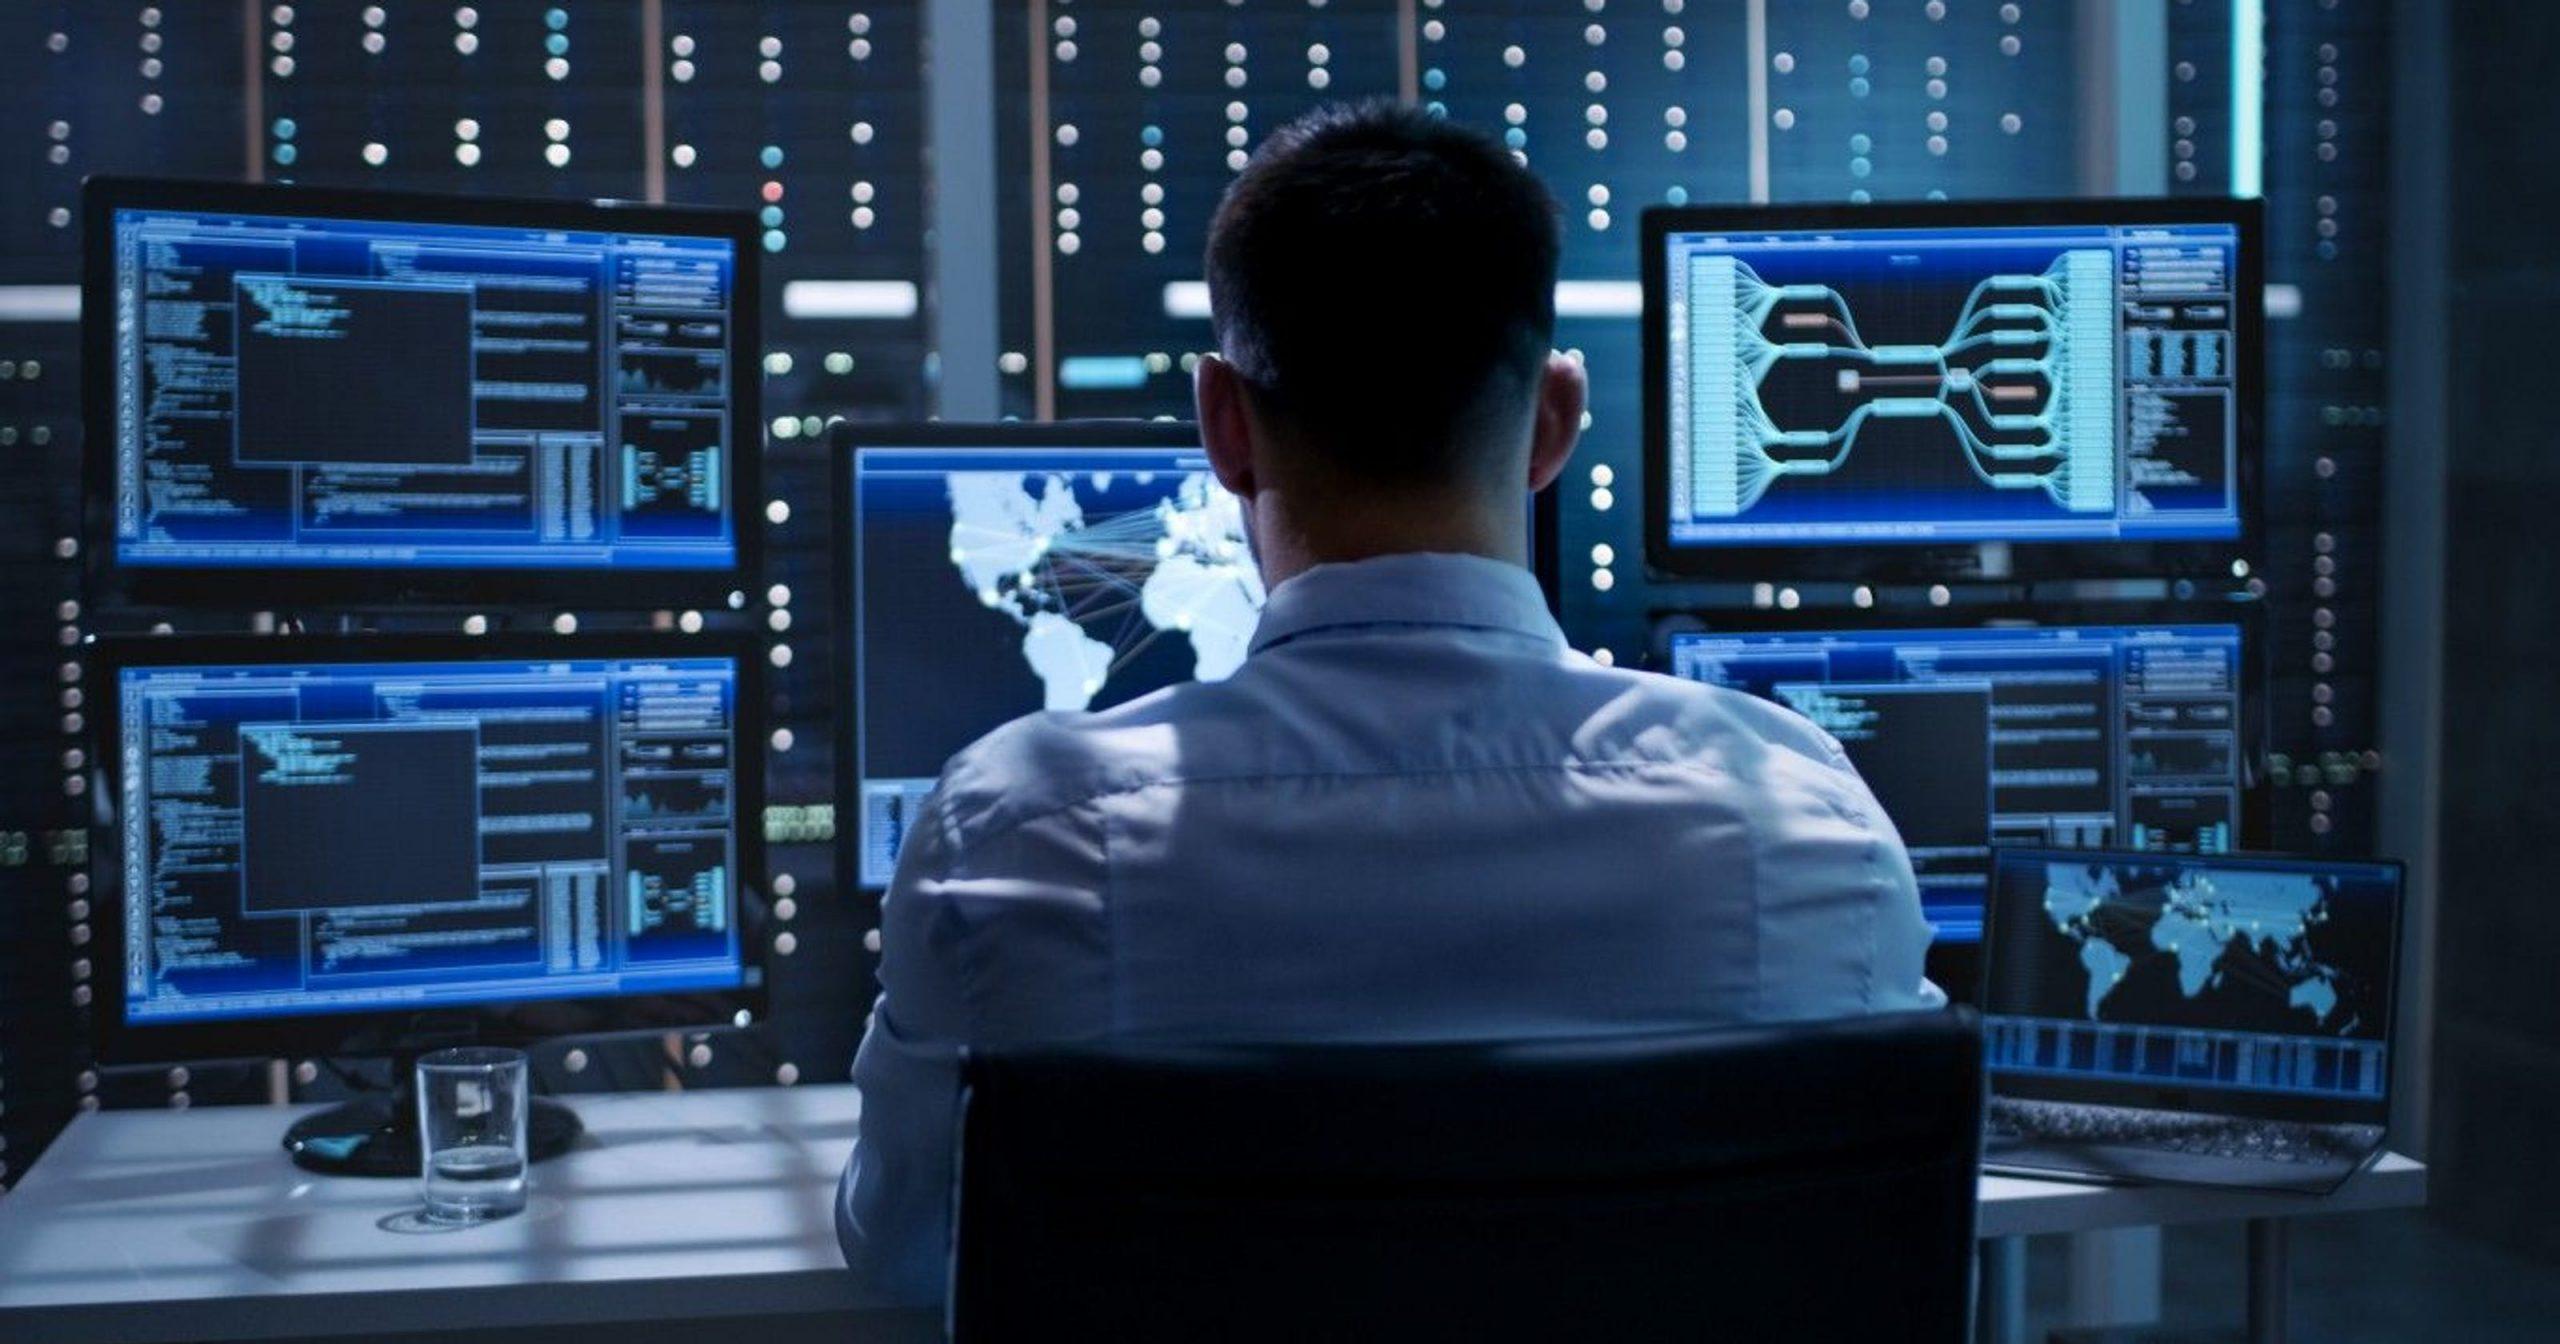 Борьба с кибер-преступлениями с помощью SGRC